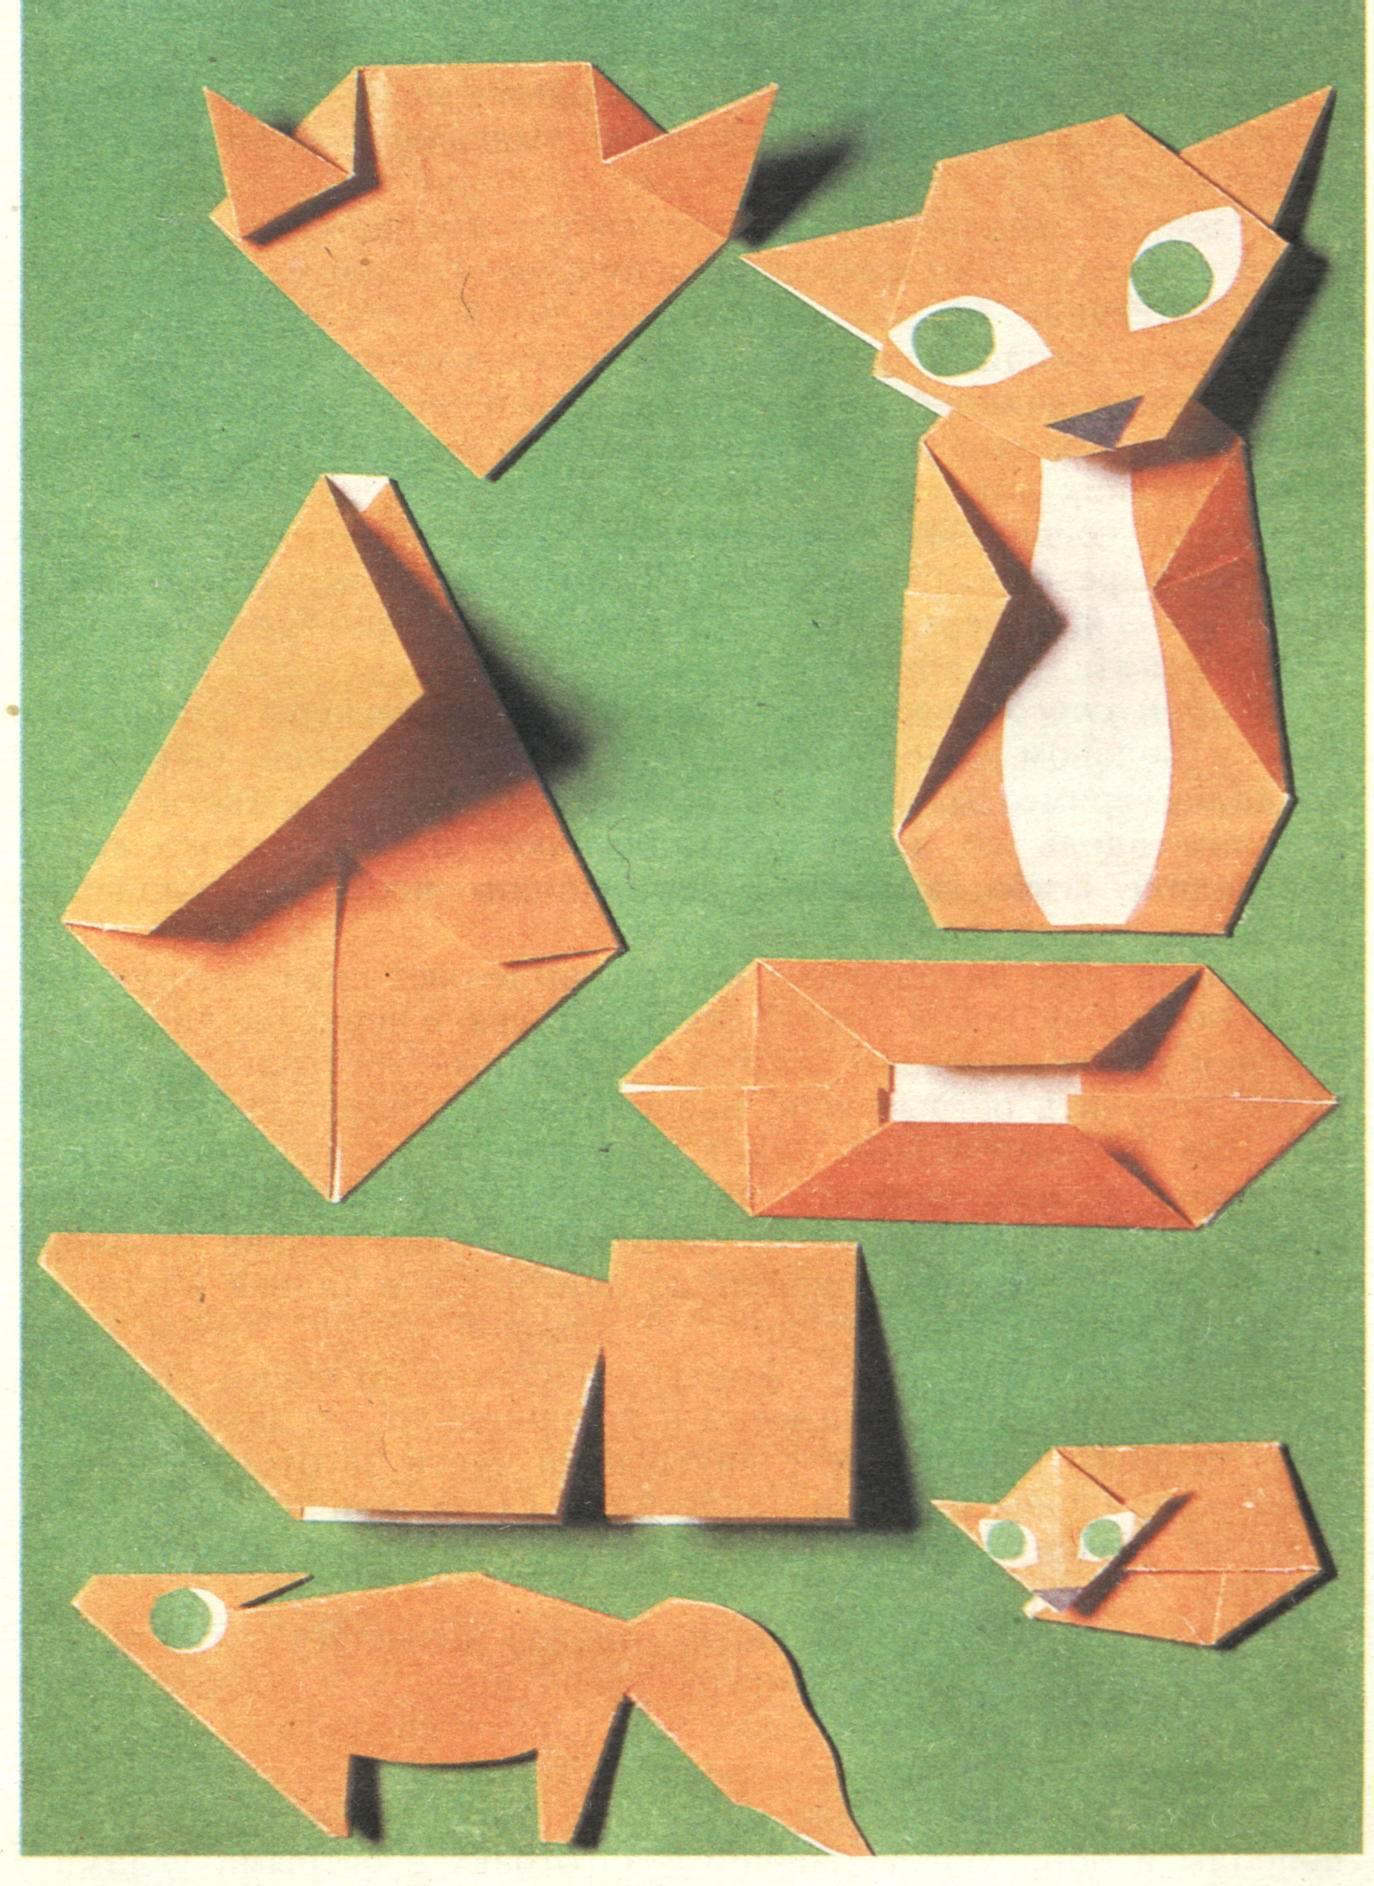 Поделка из оригами на картоне